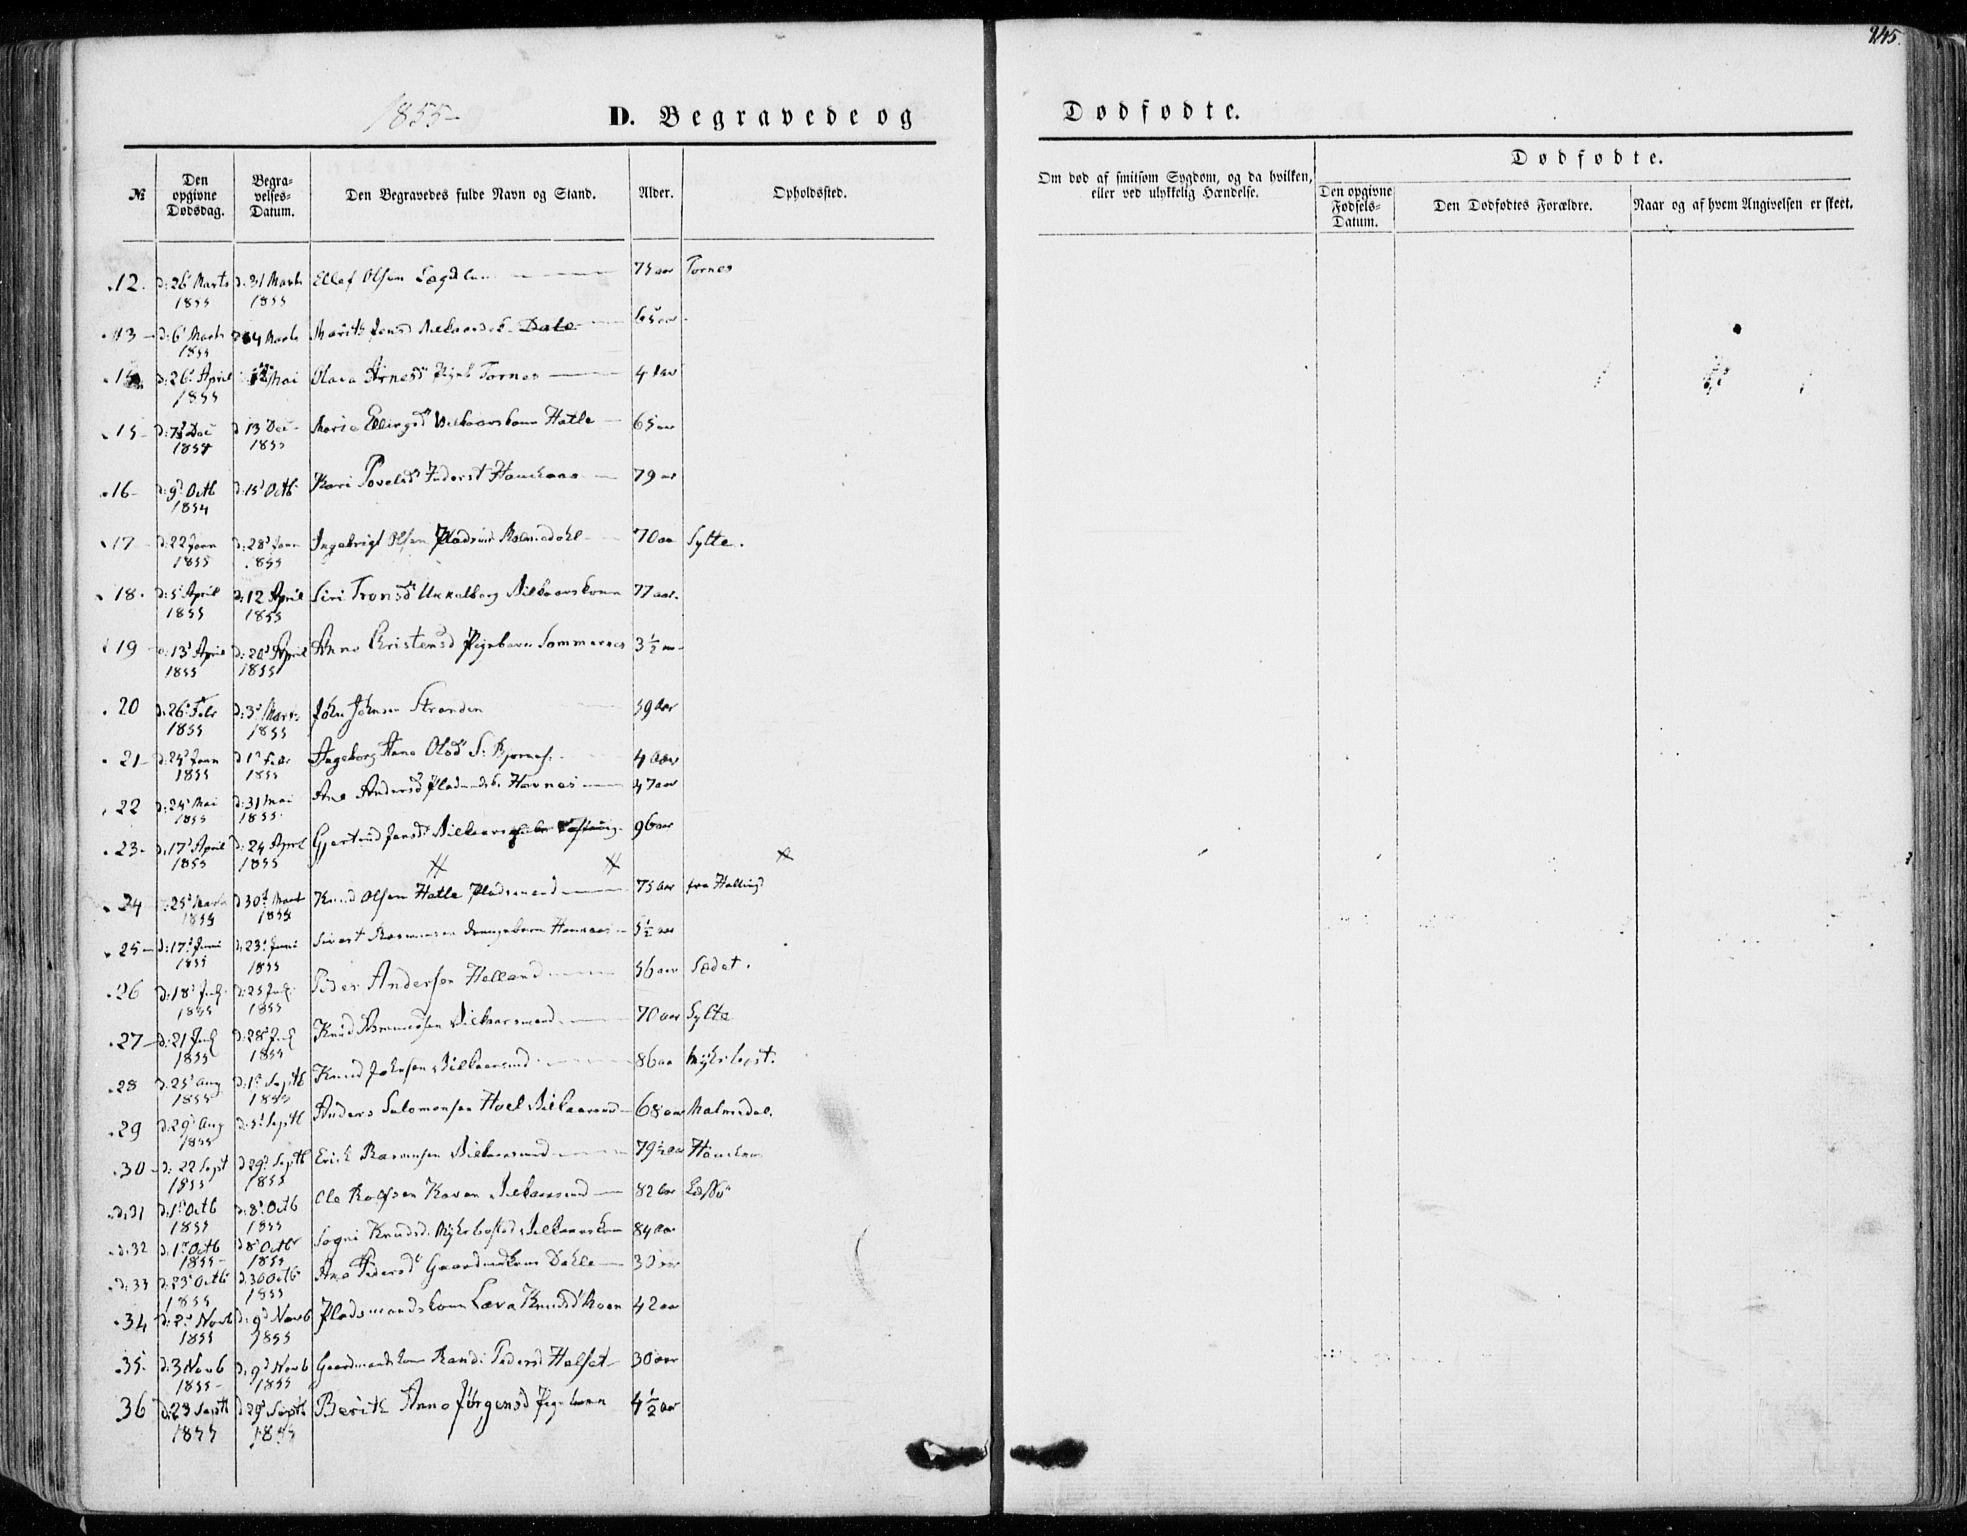 SAT, Ministerialprotokoller, klokkerbøker og fødselsregistre - Møre og Romsdal, 565/L0748: Ministerialbok nr. 565A02, 1845-1872, s. 245